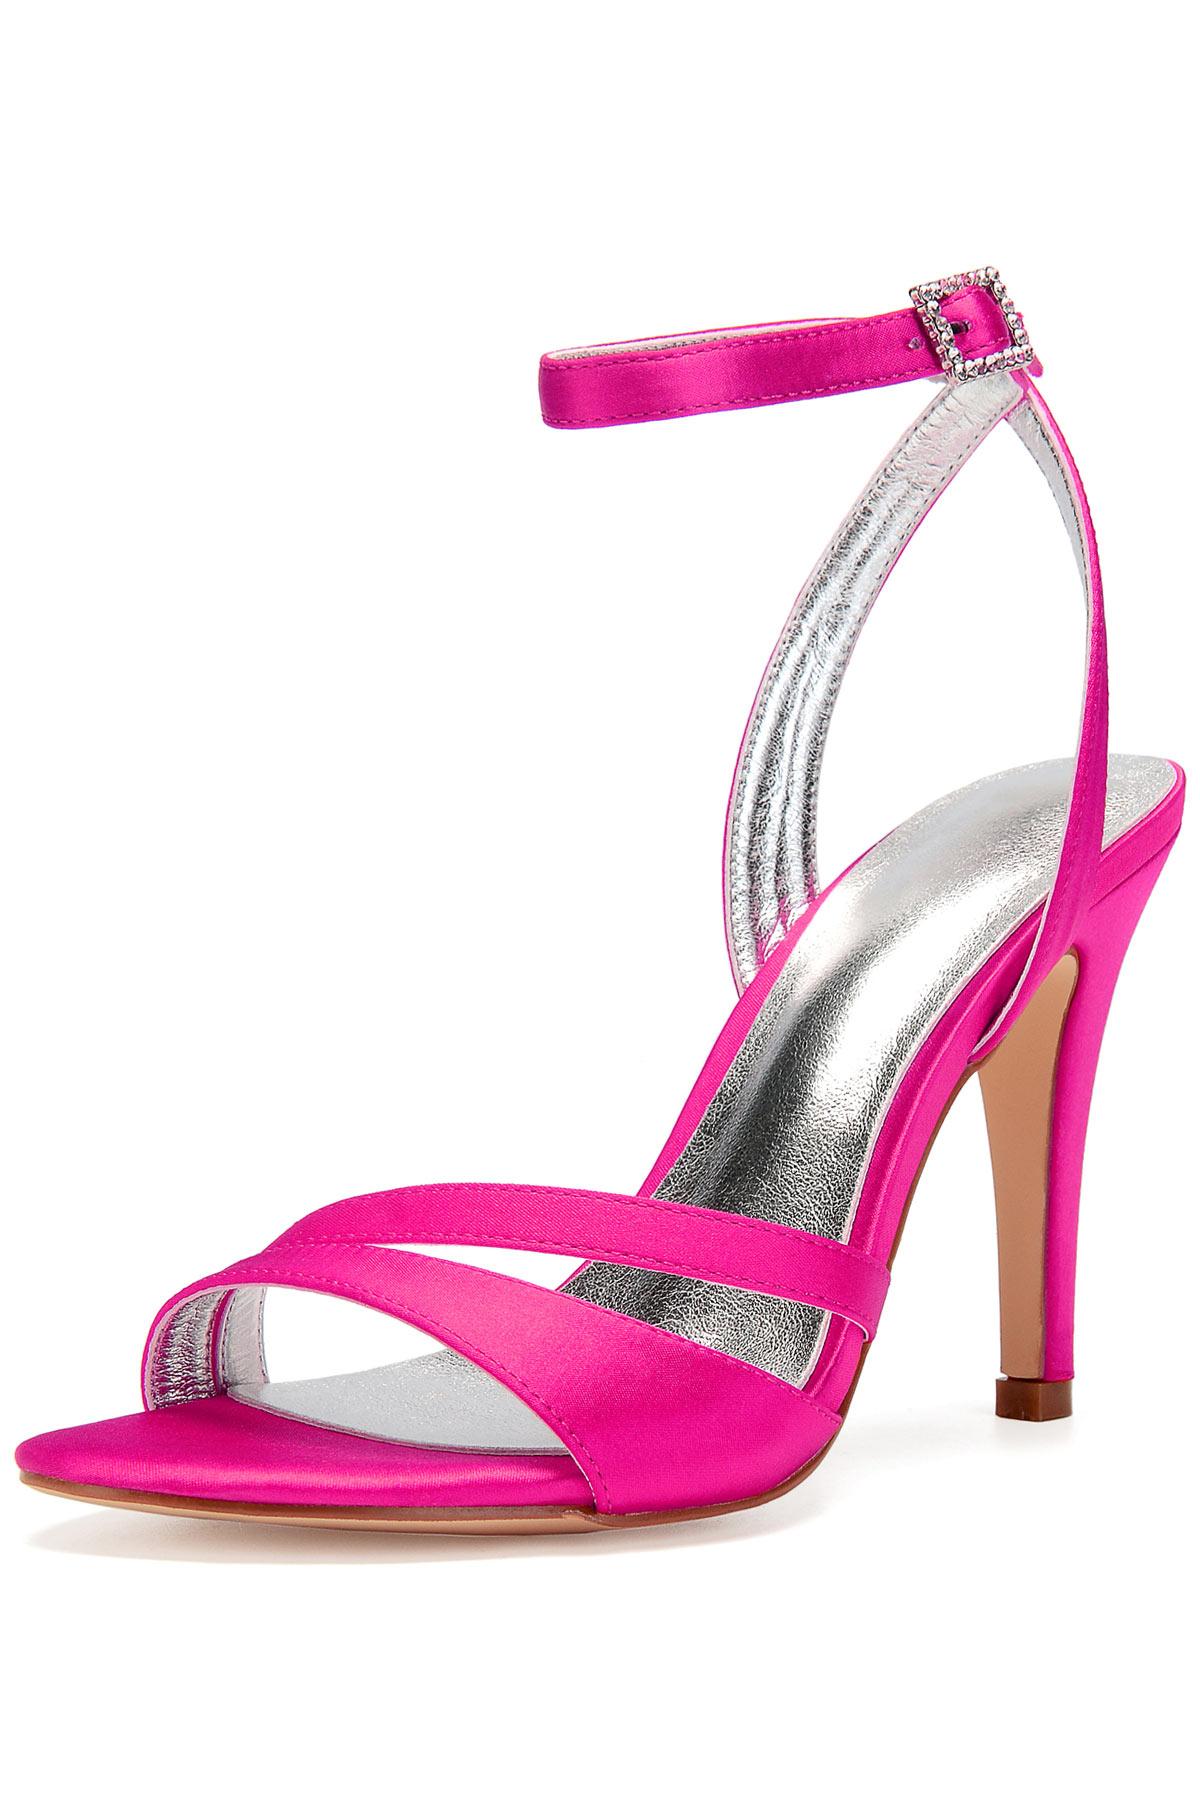 Sexy sandales asymétrique rose fuchsia à talon aiguille pour soirée mariage